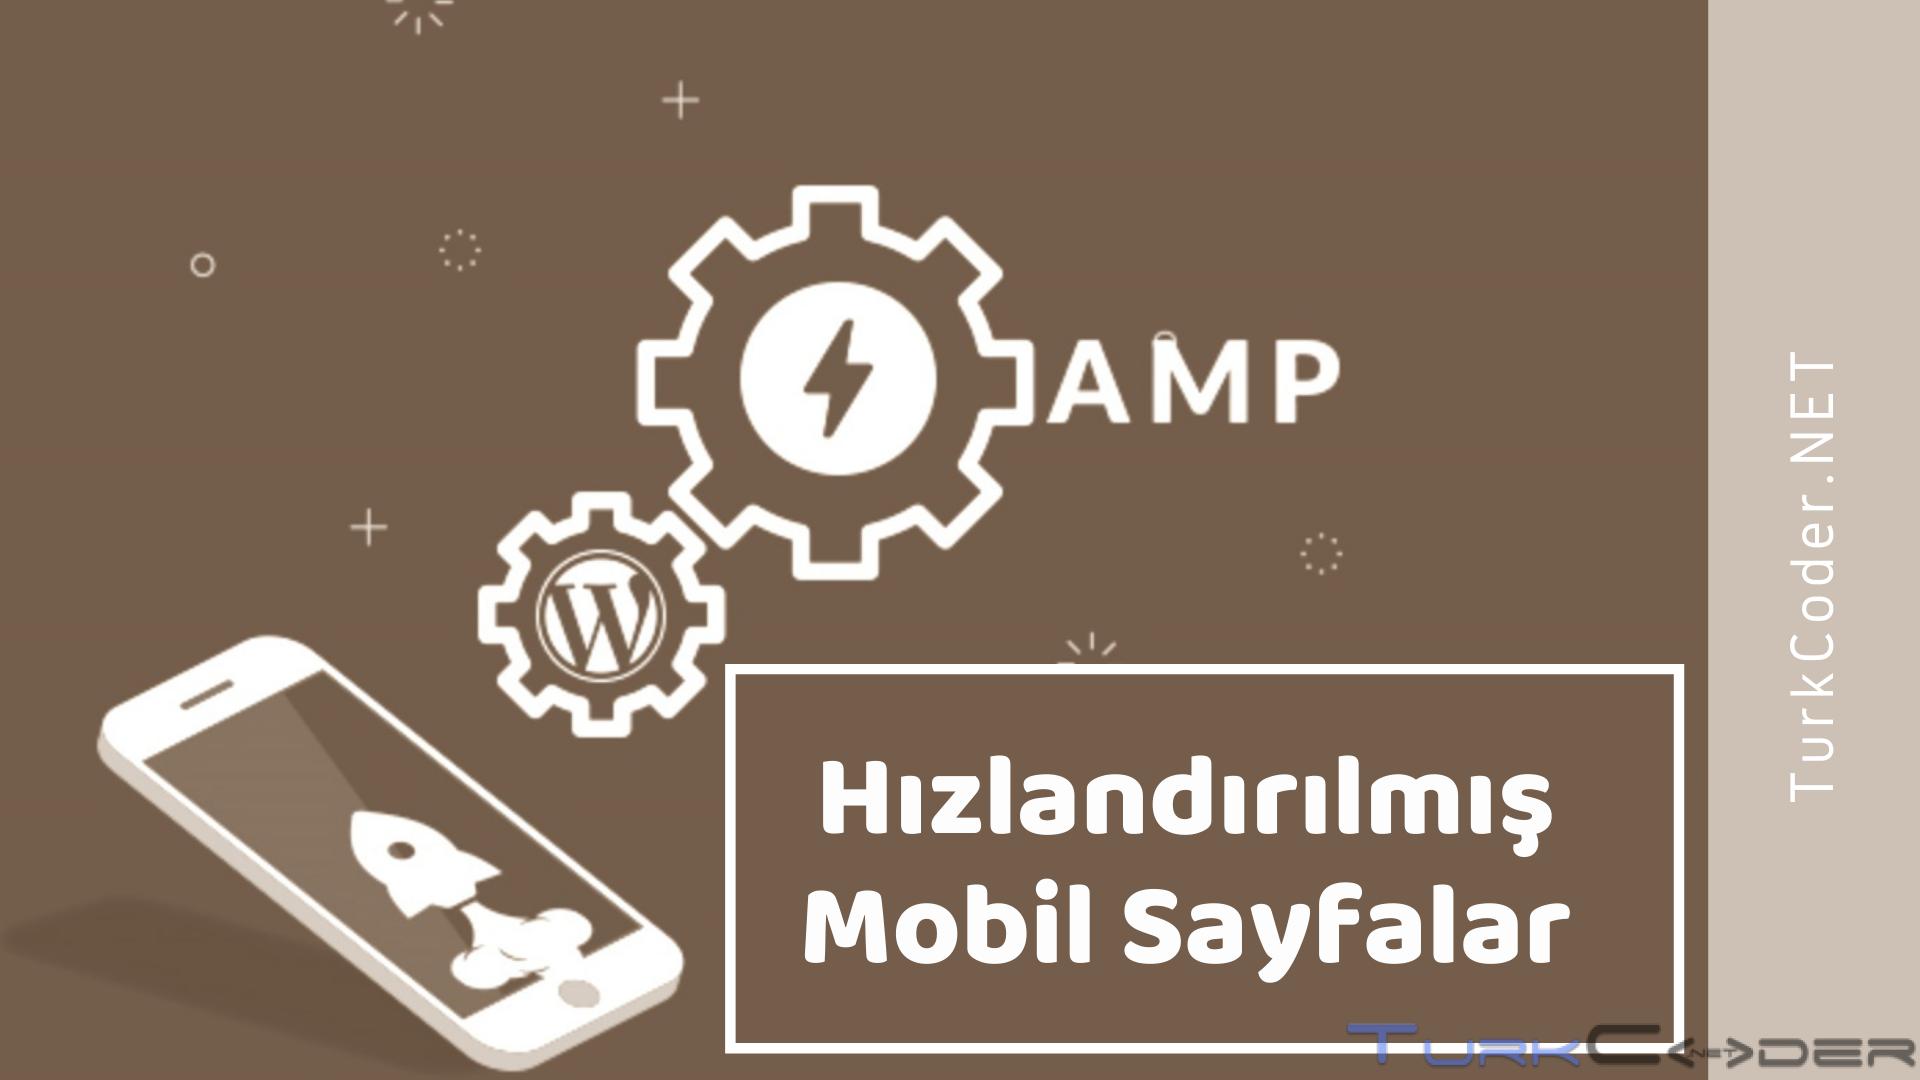 Hızlandırılmış Mobil Sayfalar